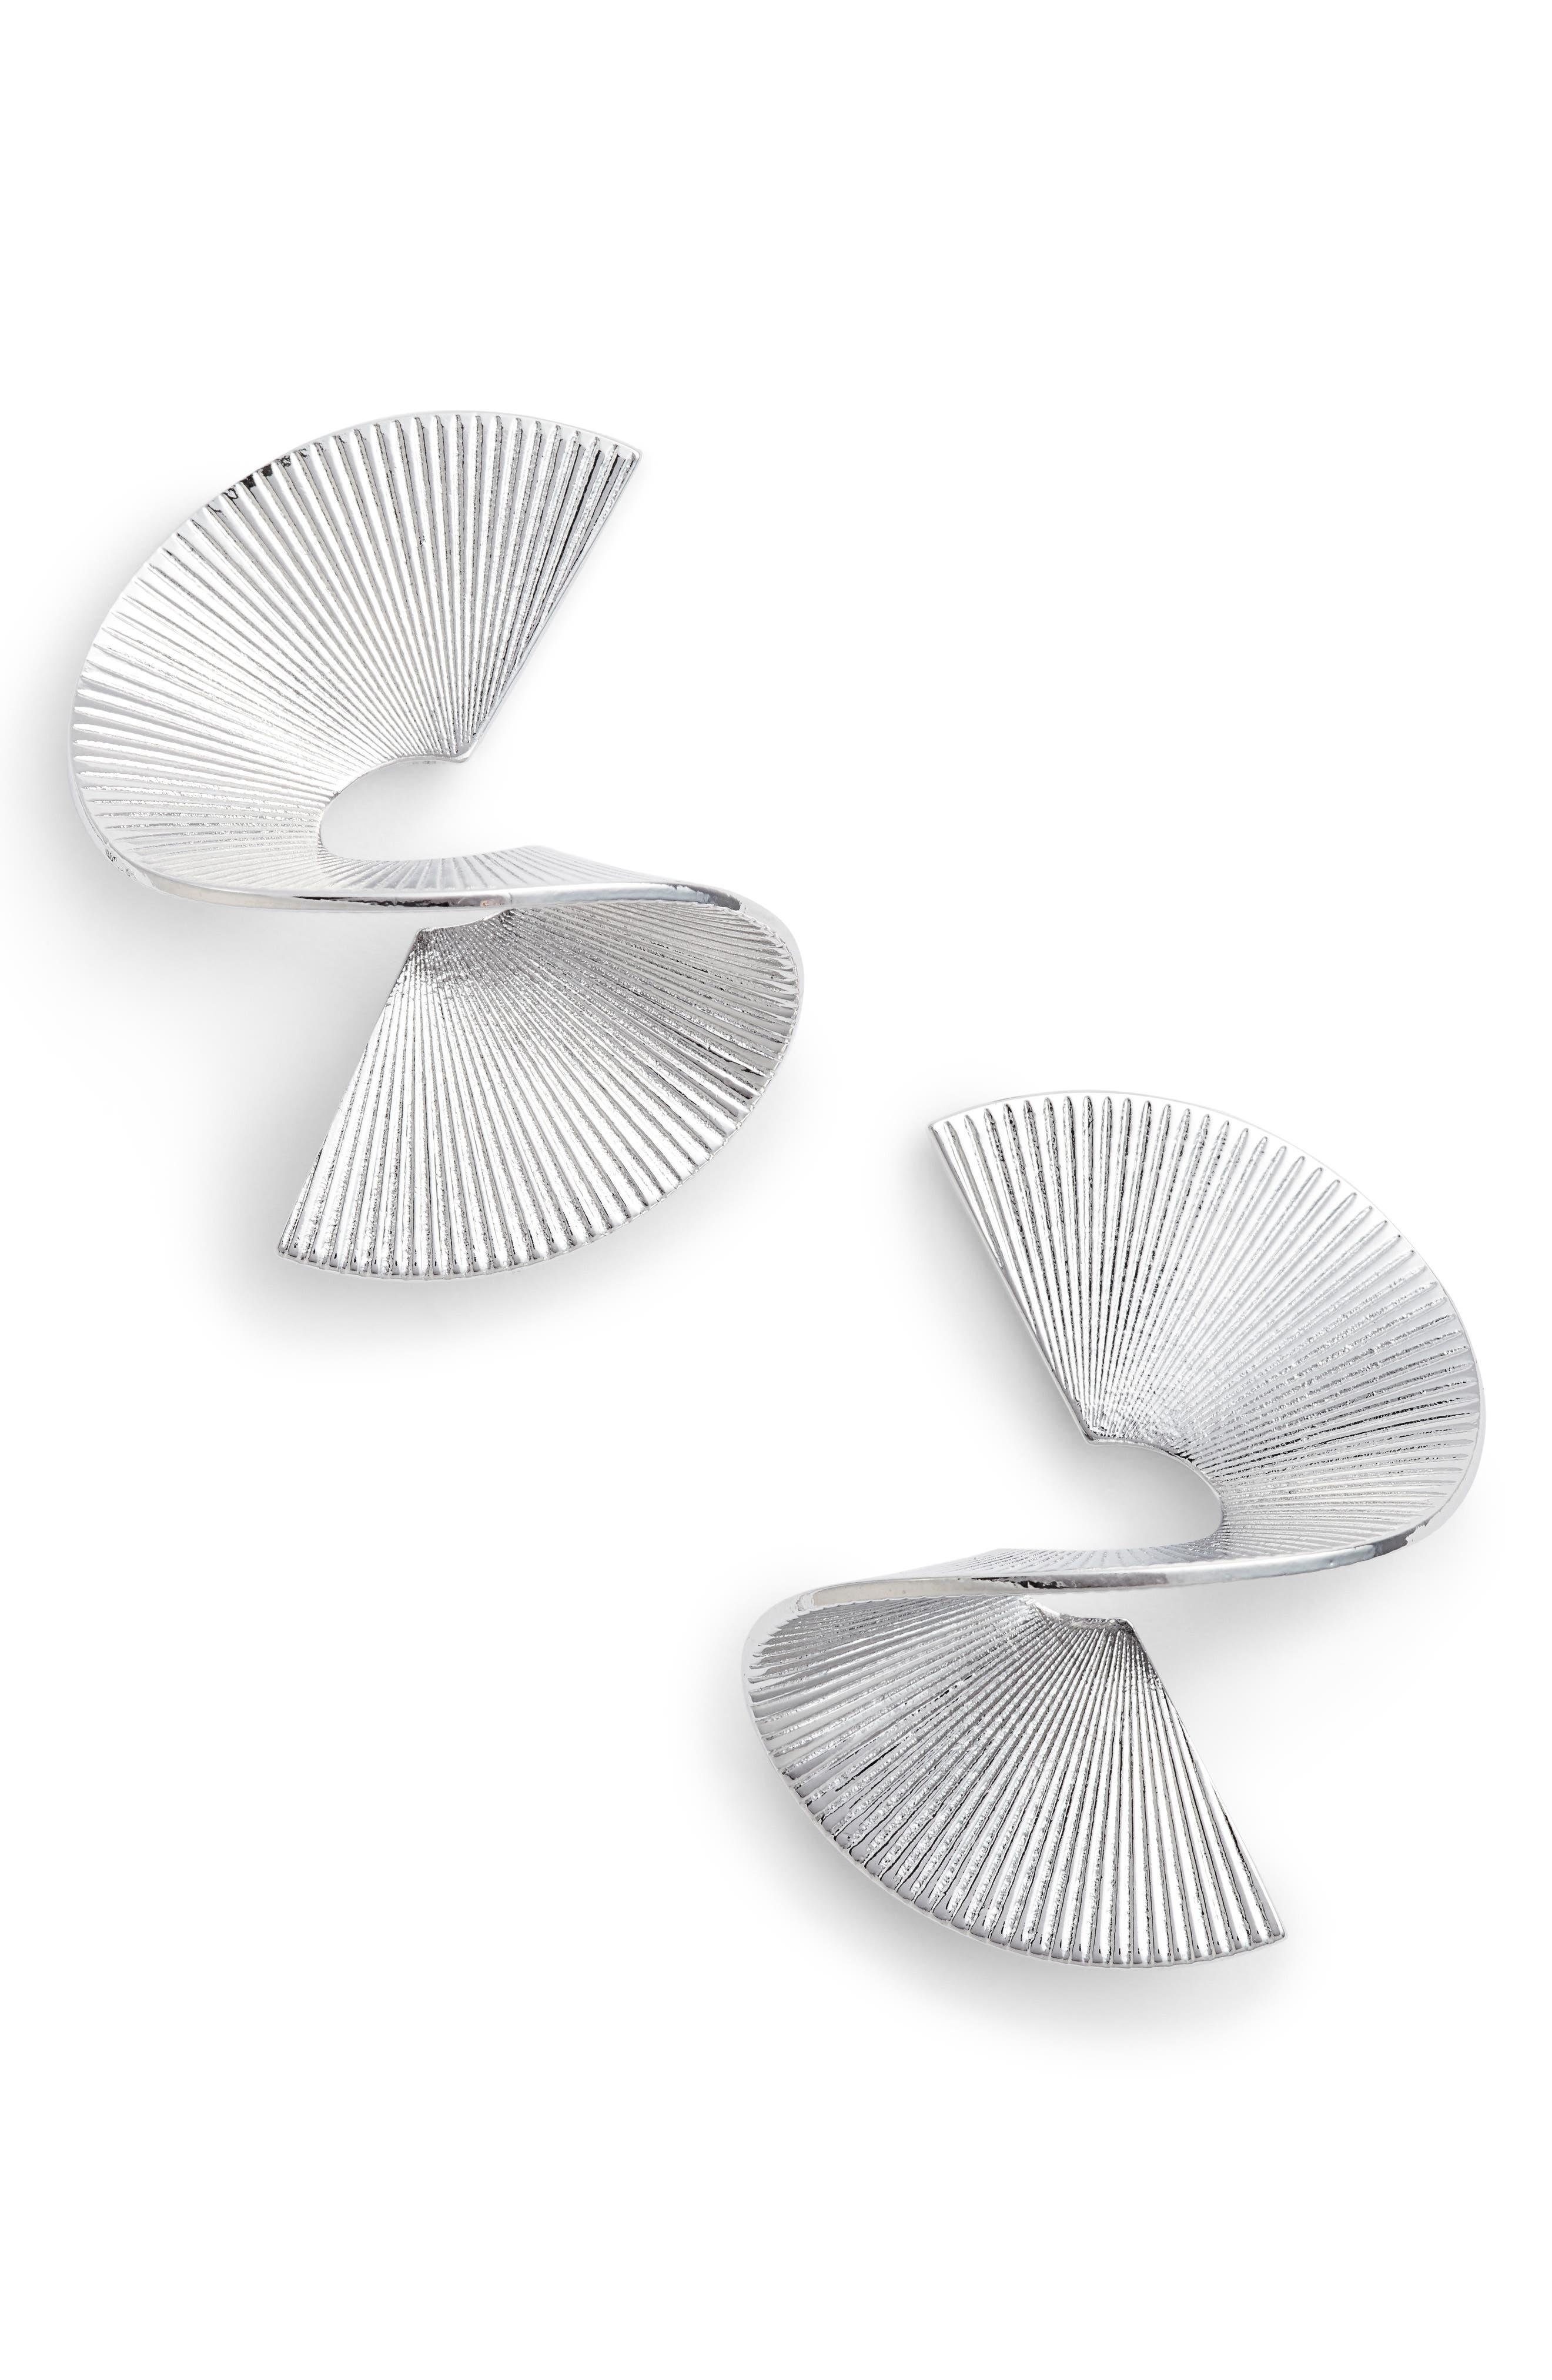 BIKO Solarwave Small Stud Earrings